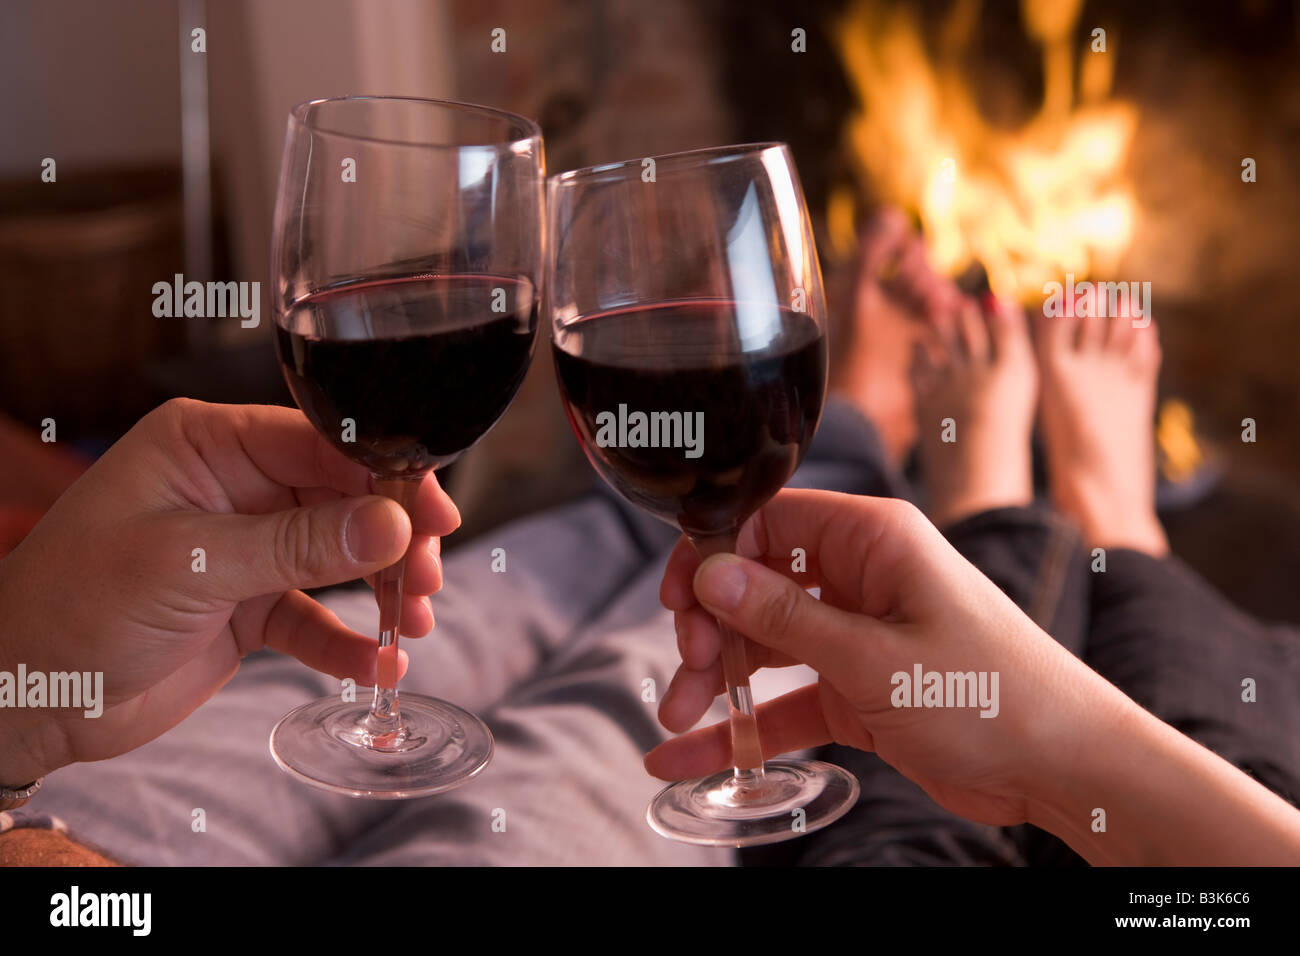 Piedi riscaldamento a camino con mani tenendo il vino Immagini Stock